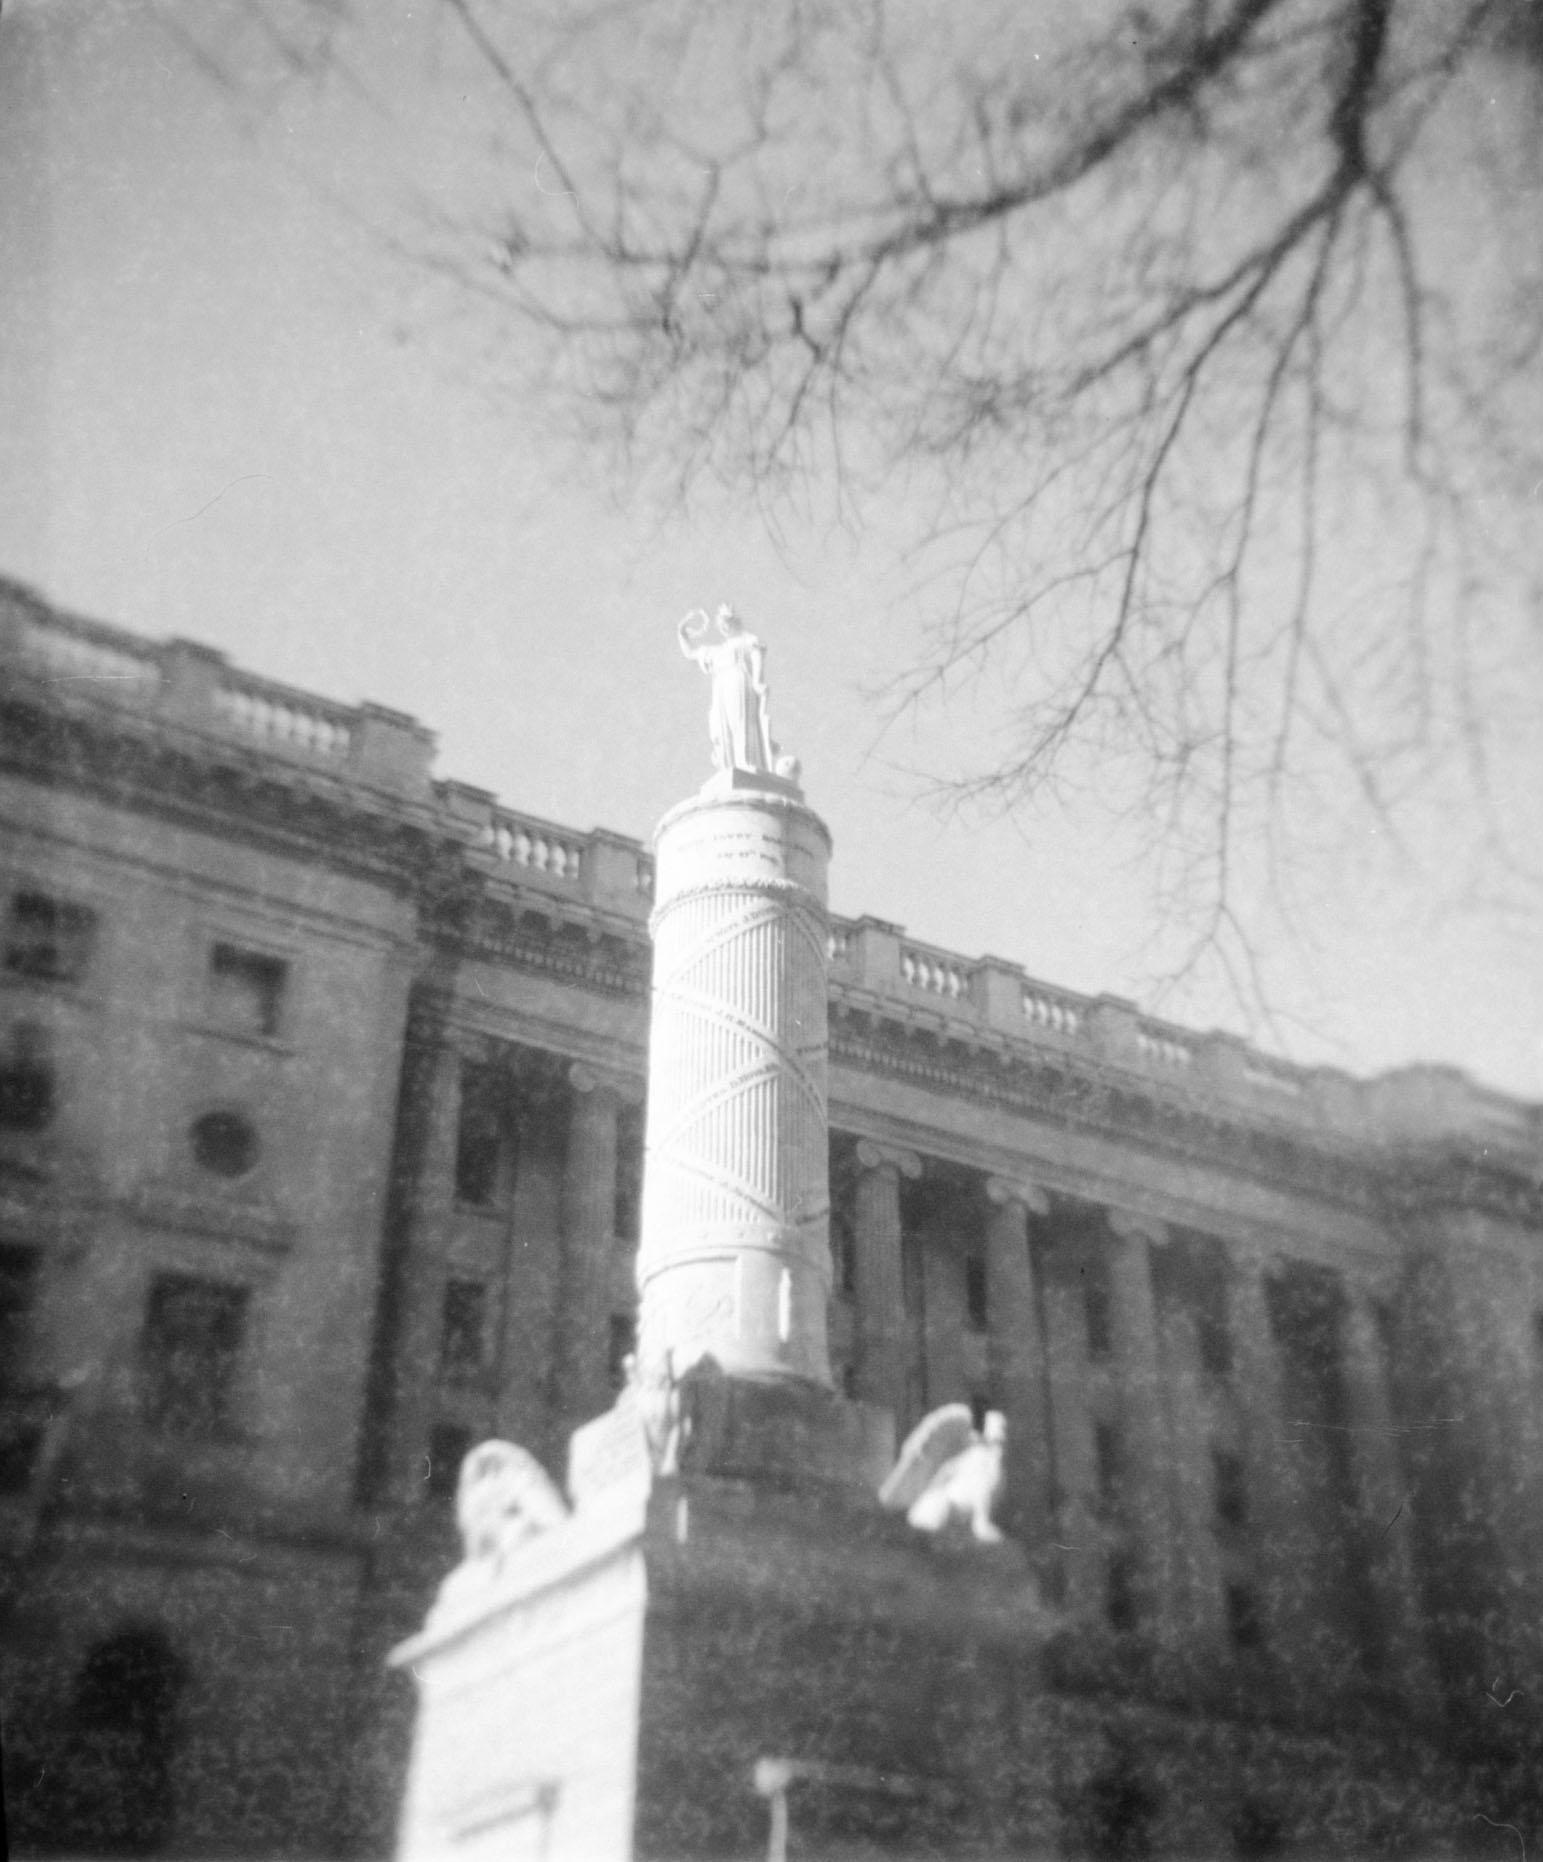 monument_calvert_street.jpg